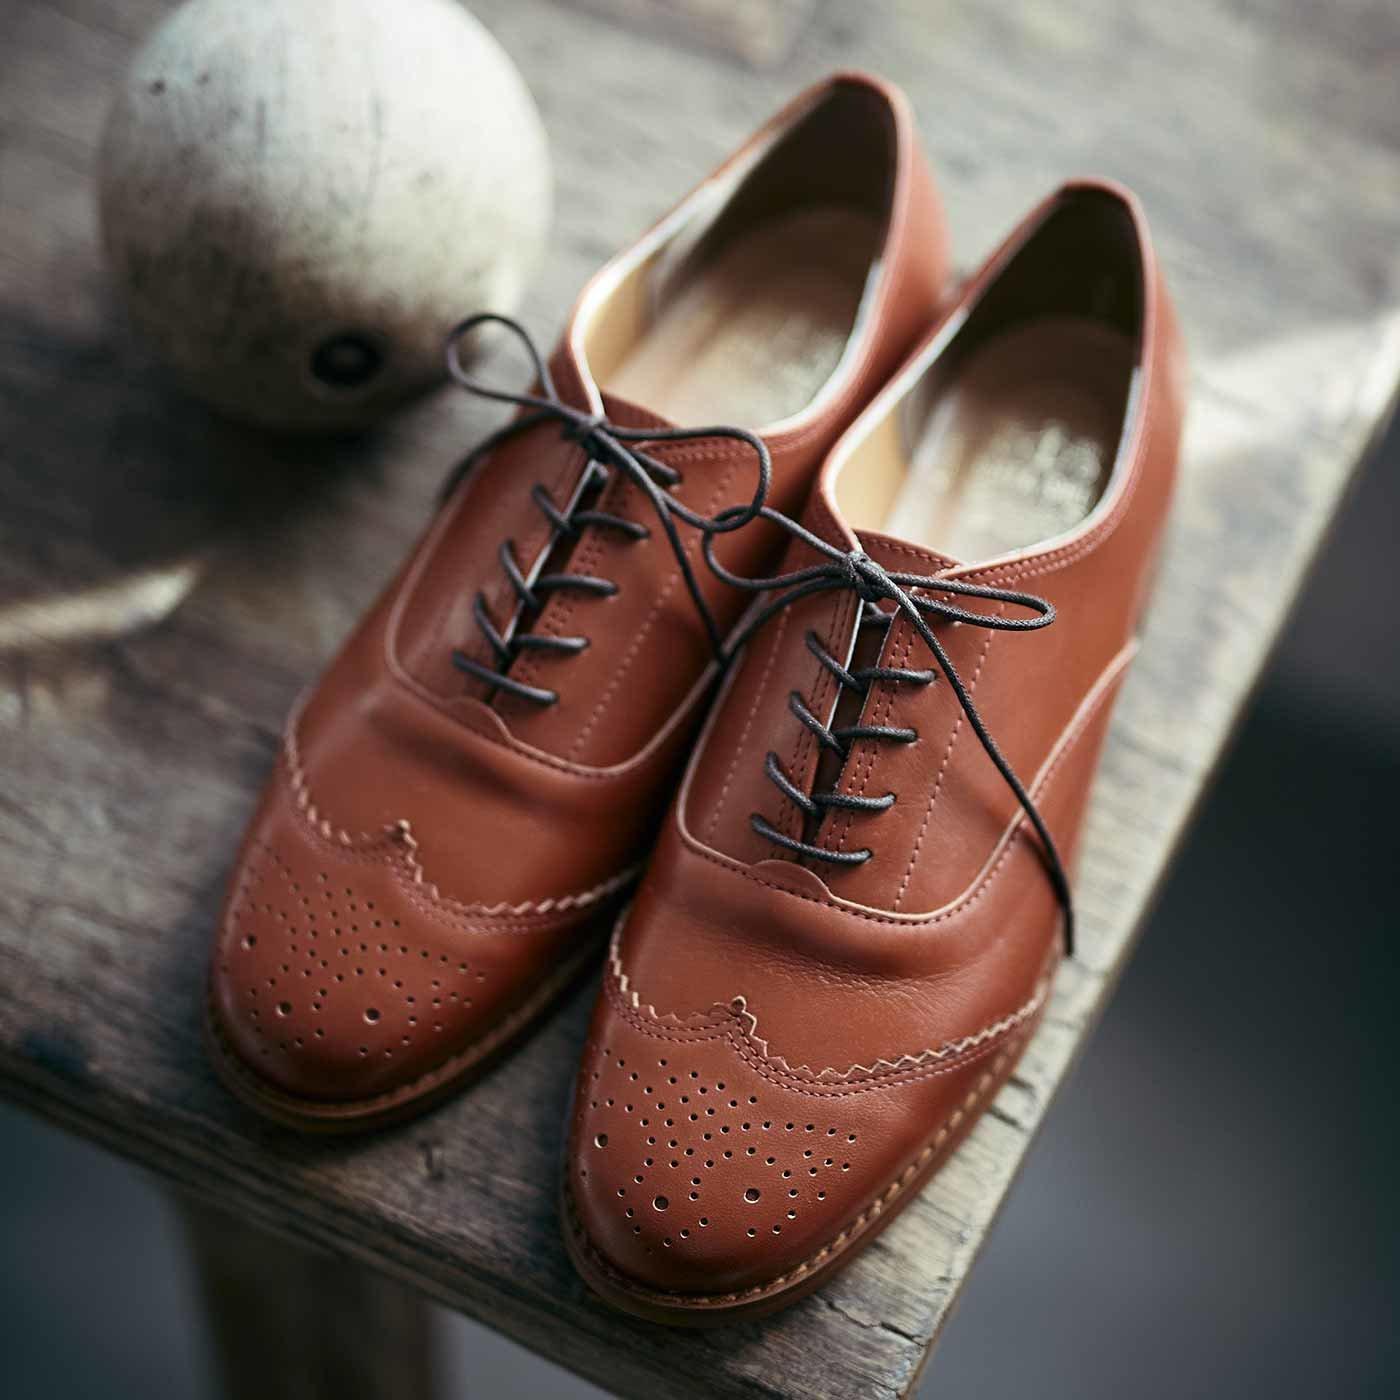 長田靴職人が叶えた 本革ハーフウィングチップ〈マロン〉[本革 靴:日本製]